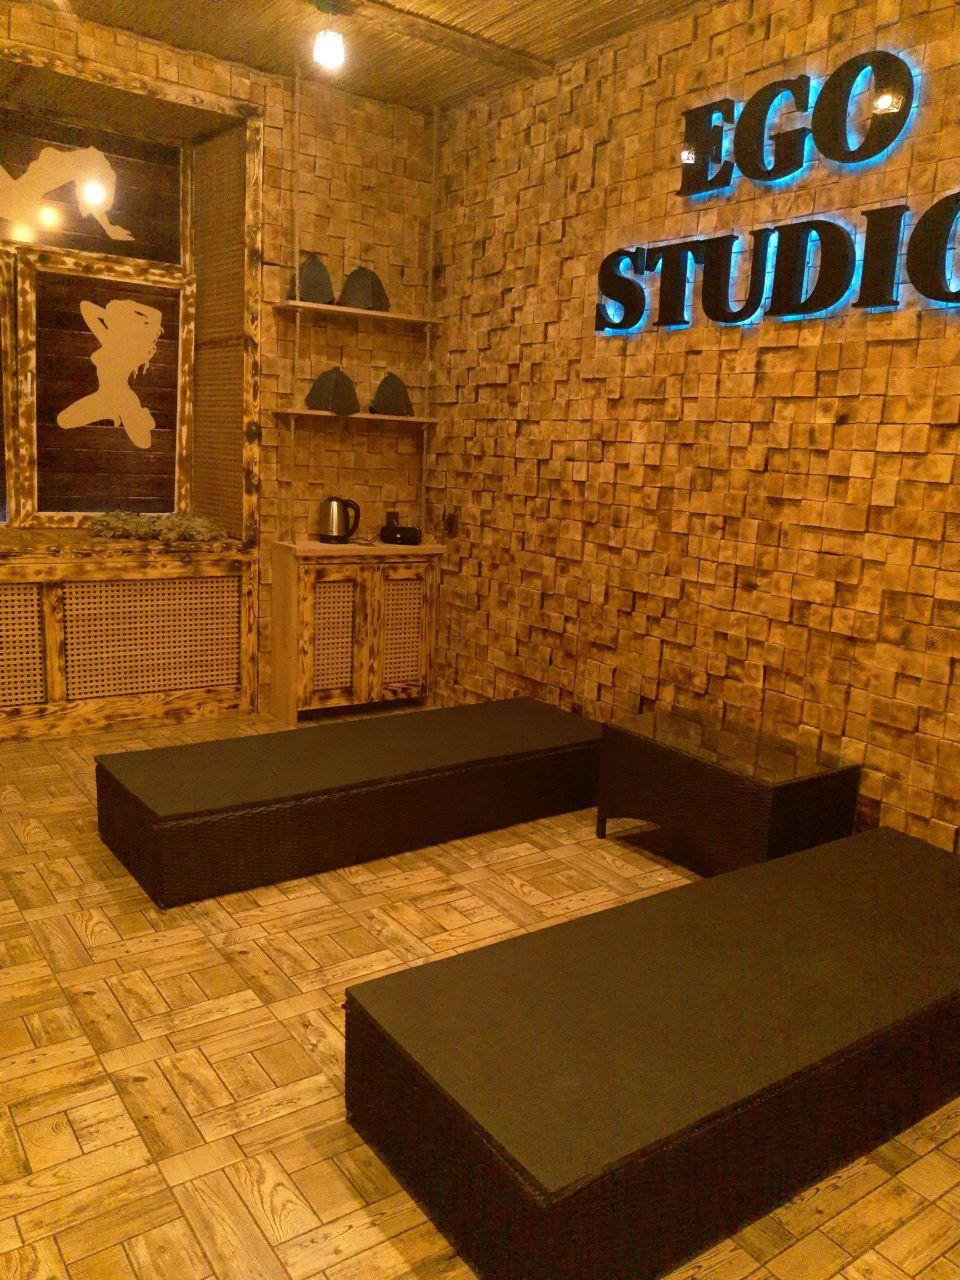 №24510 Баня, Сауна, Хамам в Харькове . Ego Studio